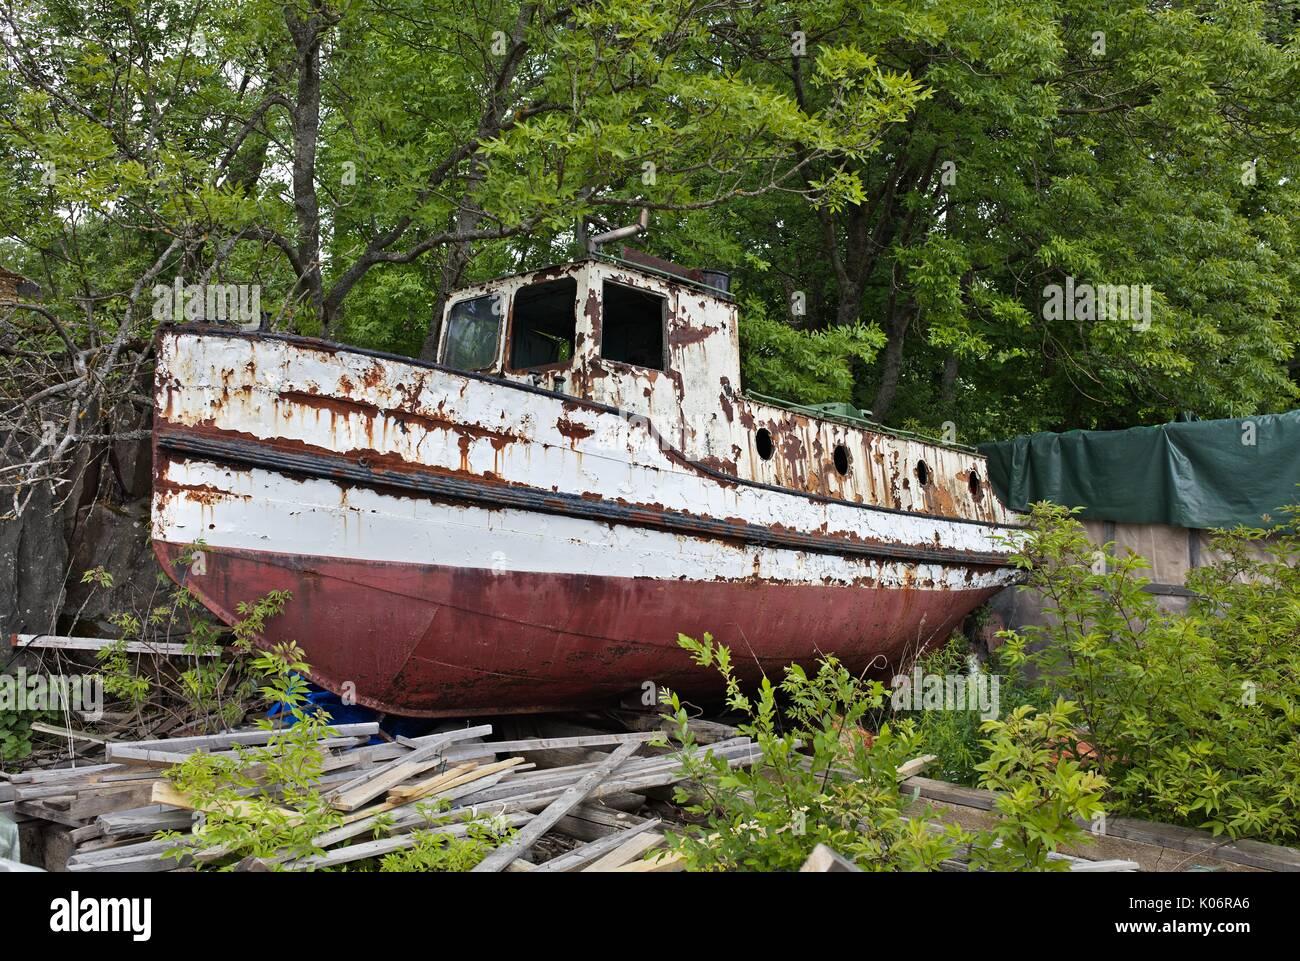 Shipwreck on Suomenlinna, Finland - Stock Image